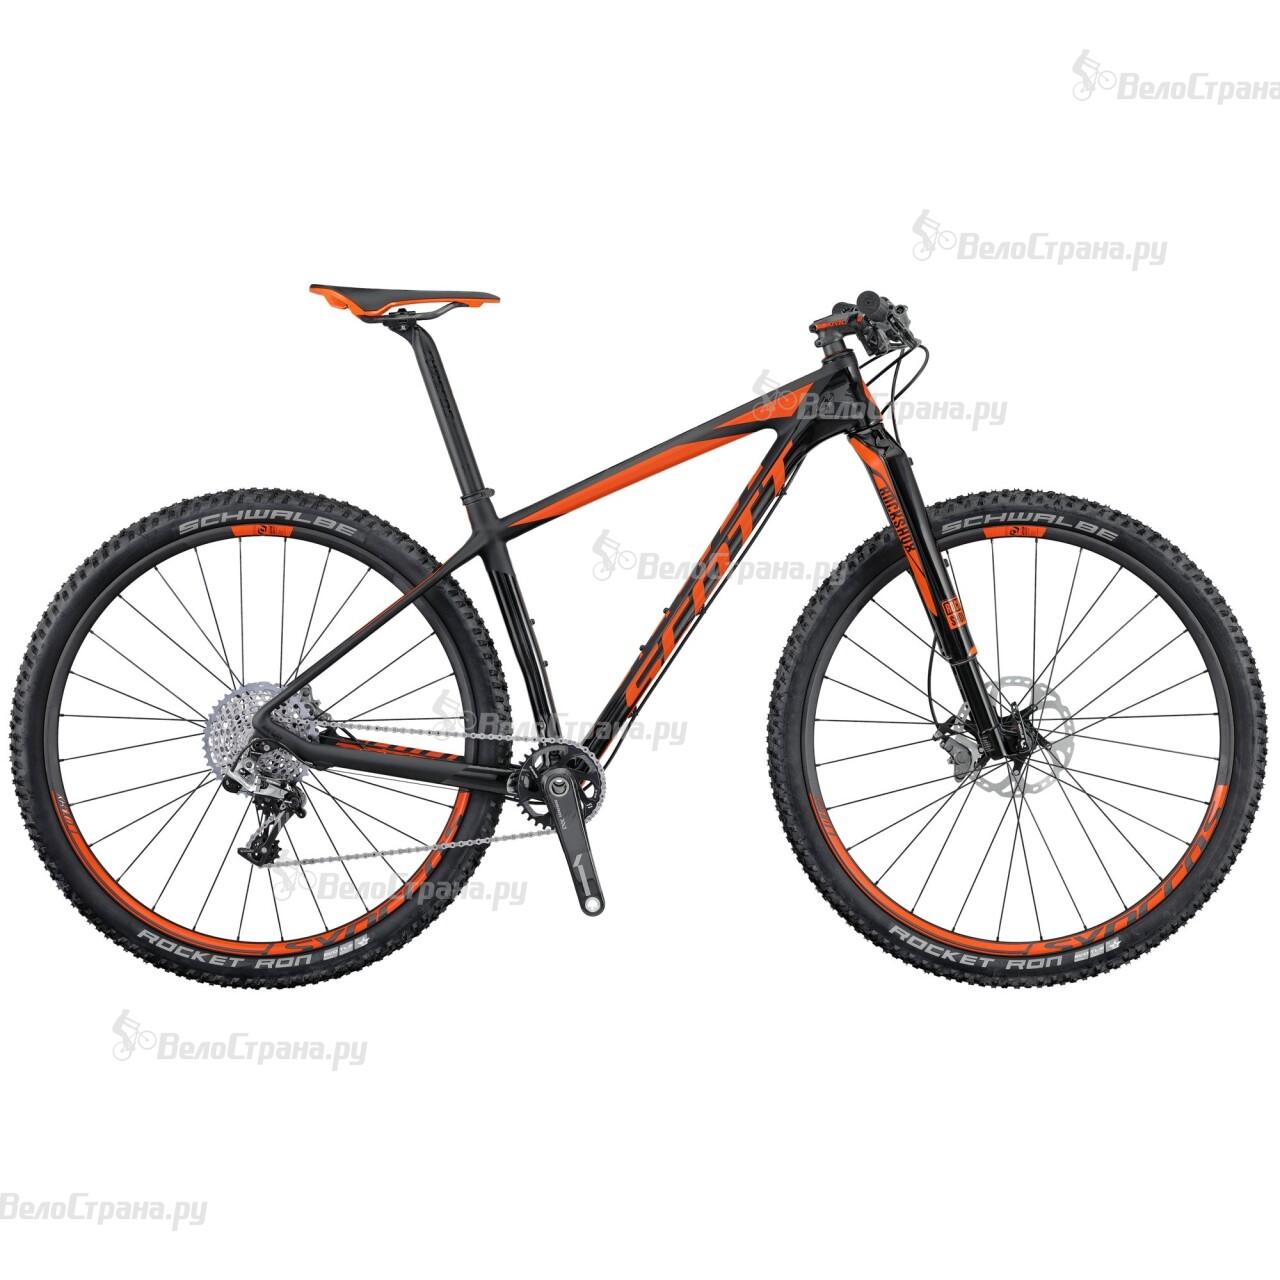 все цены на Велосипед Scott Scale 900 SL (2016) онлайн